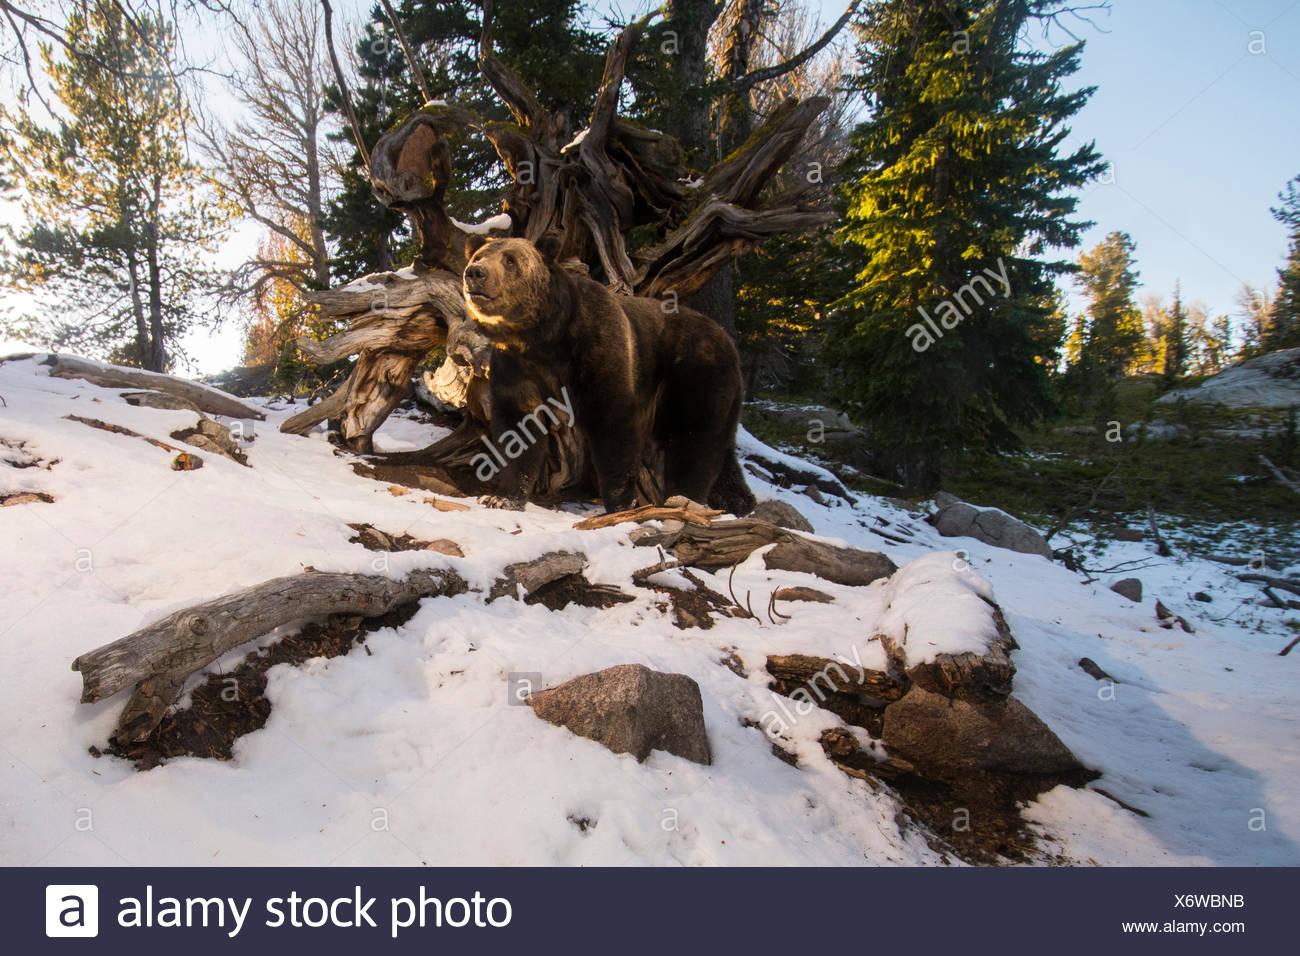 Una telecamera remota consente di catturare un orso grizzly rovistando per whitebark pigne nelle quali nel Wyoming è maggiore ecosistema di Yellowstone. Immagini Stock